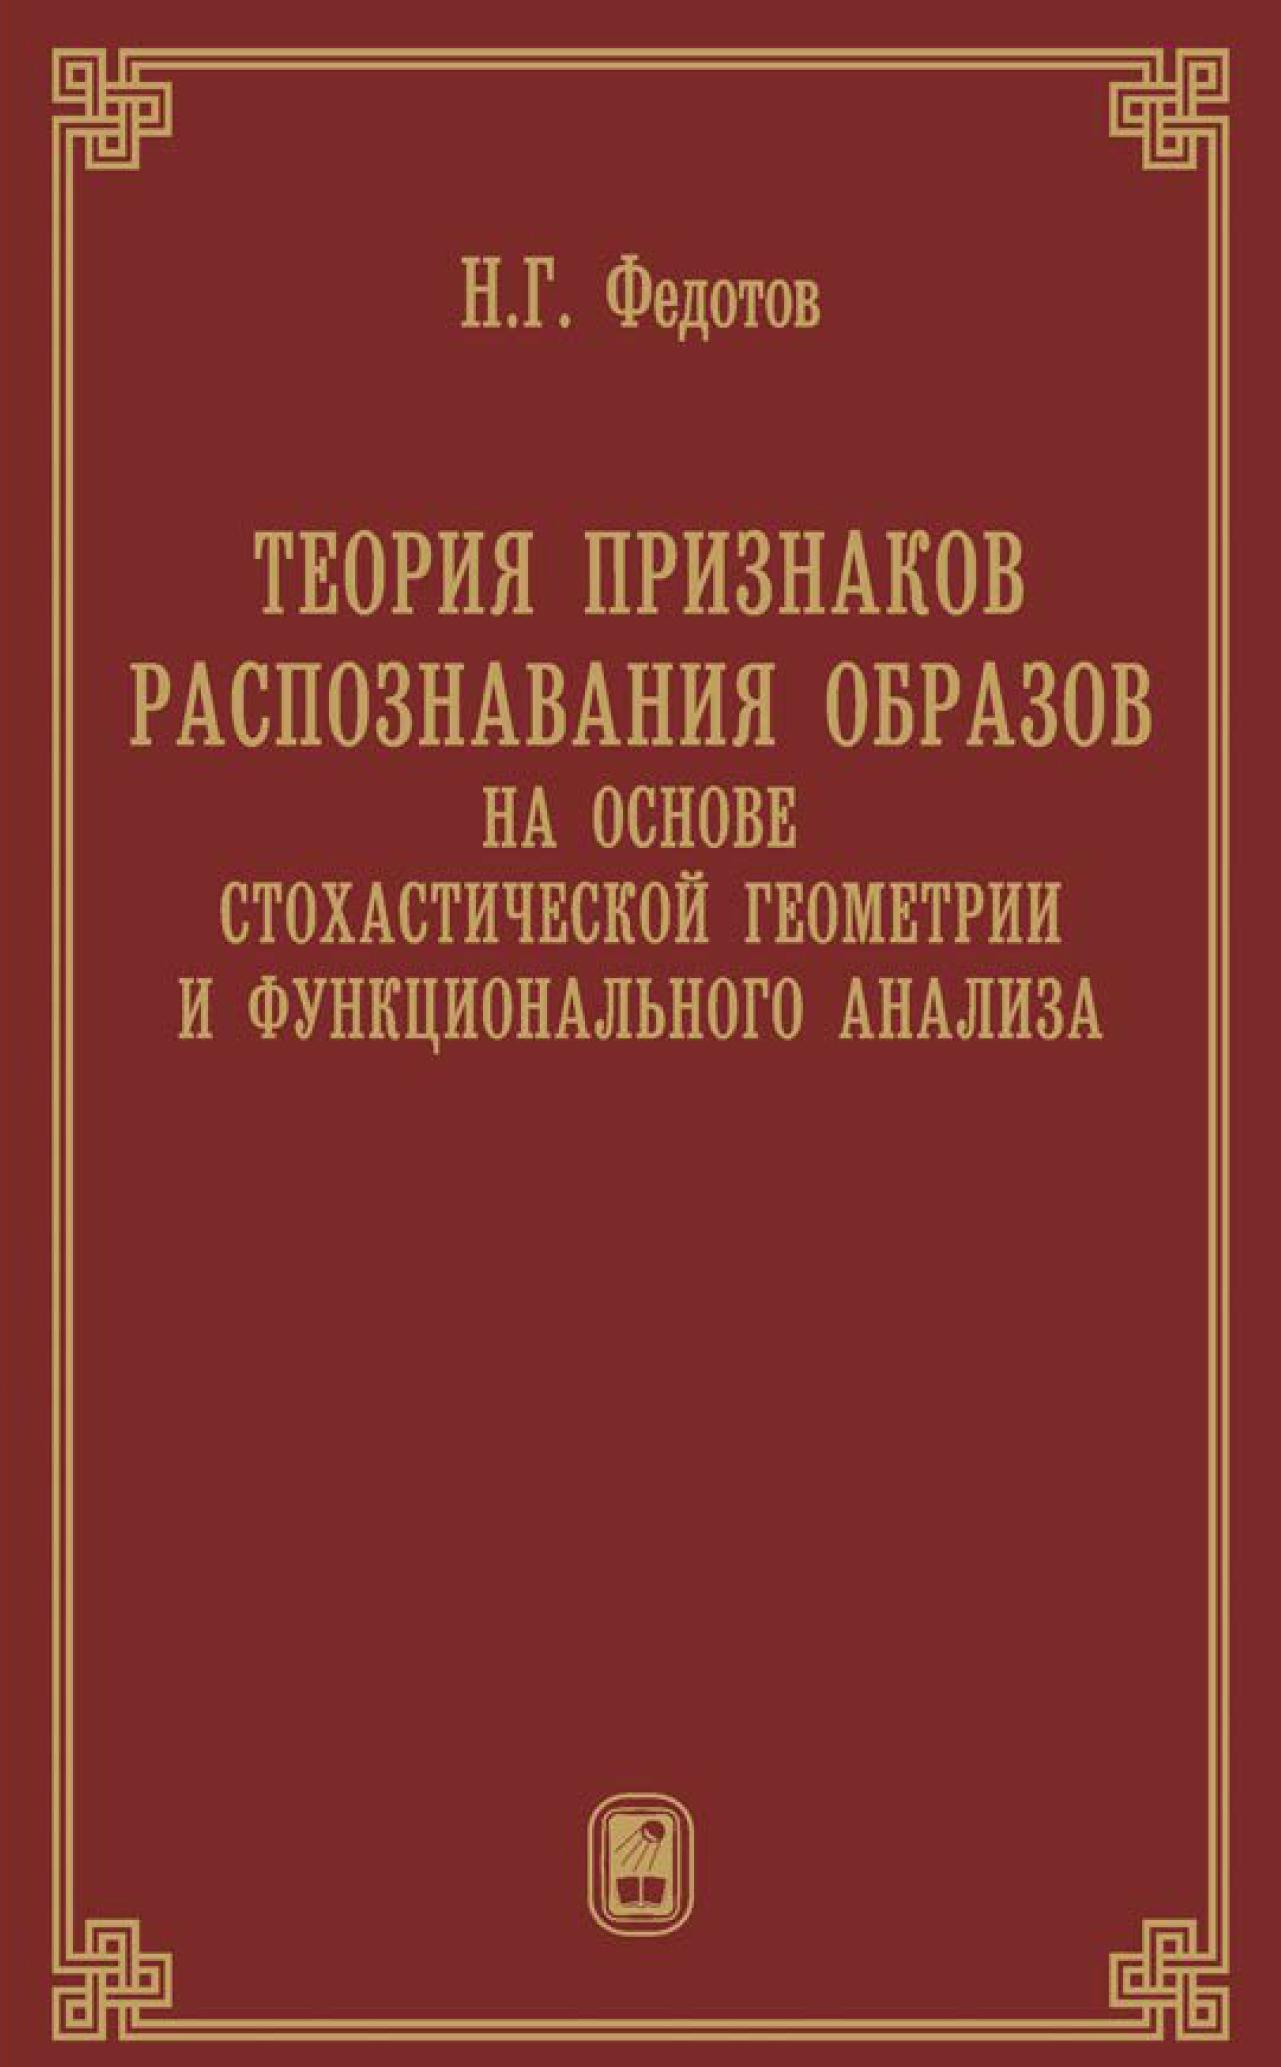 Николай Федотов Теория признаков распознавания образов на основе стохастической геометрии и функционального анализа